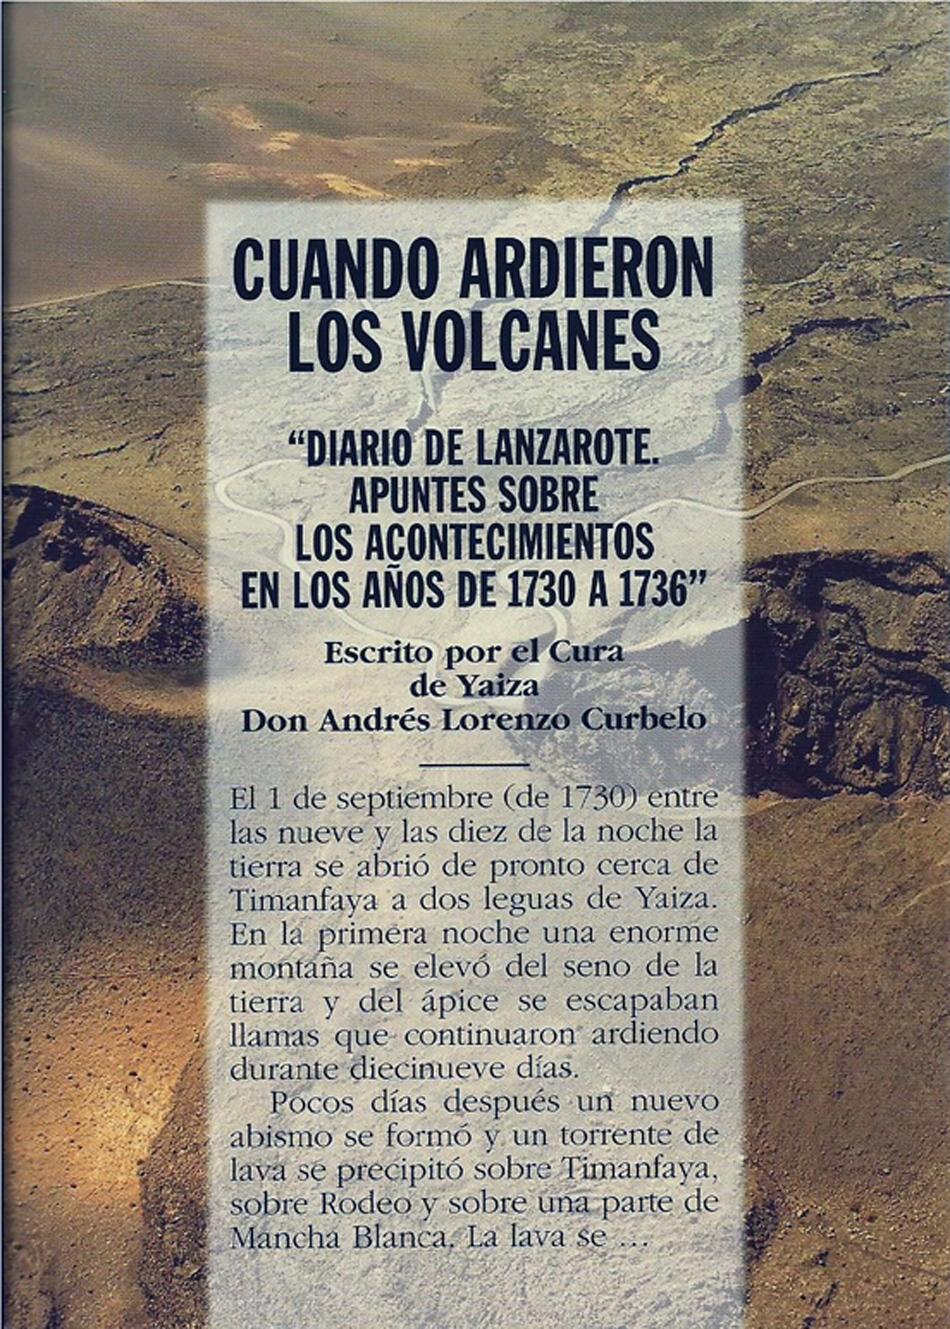 Diario del Cura de Yaiza - Don Andrés Lorenzo Curbelo - Lanzarote